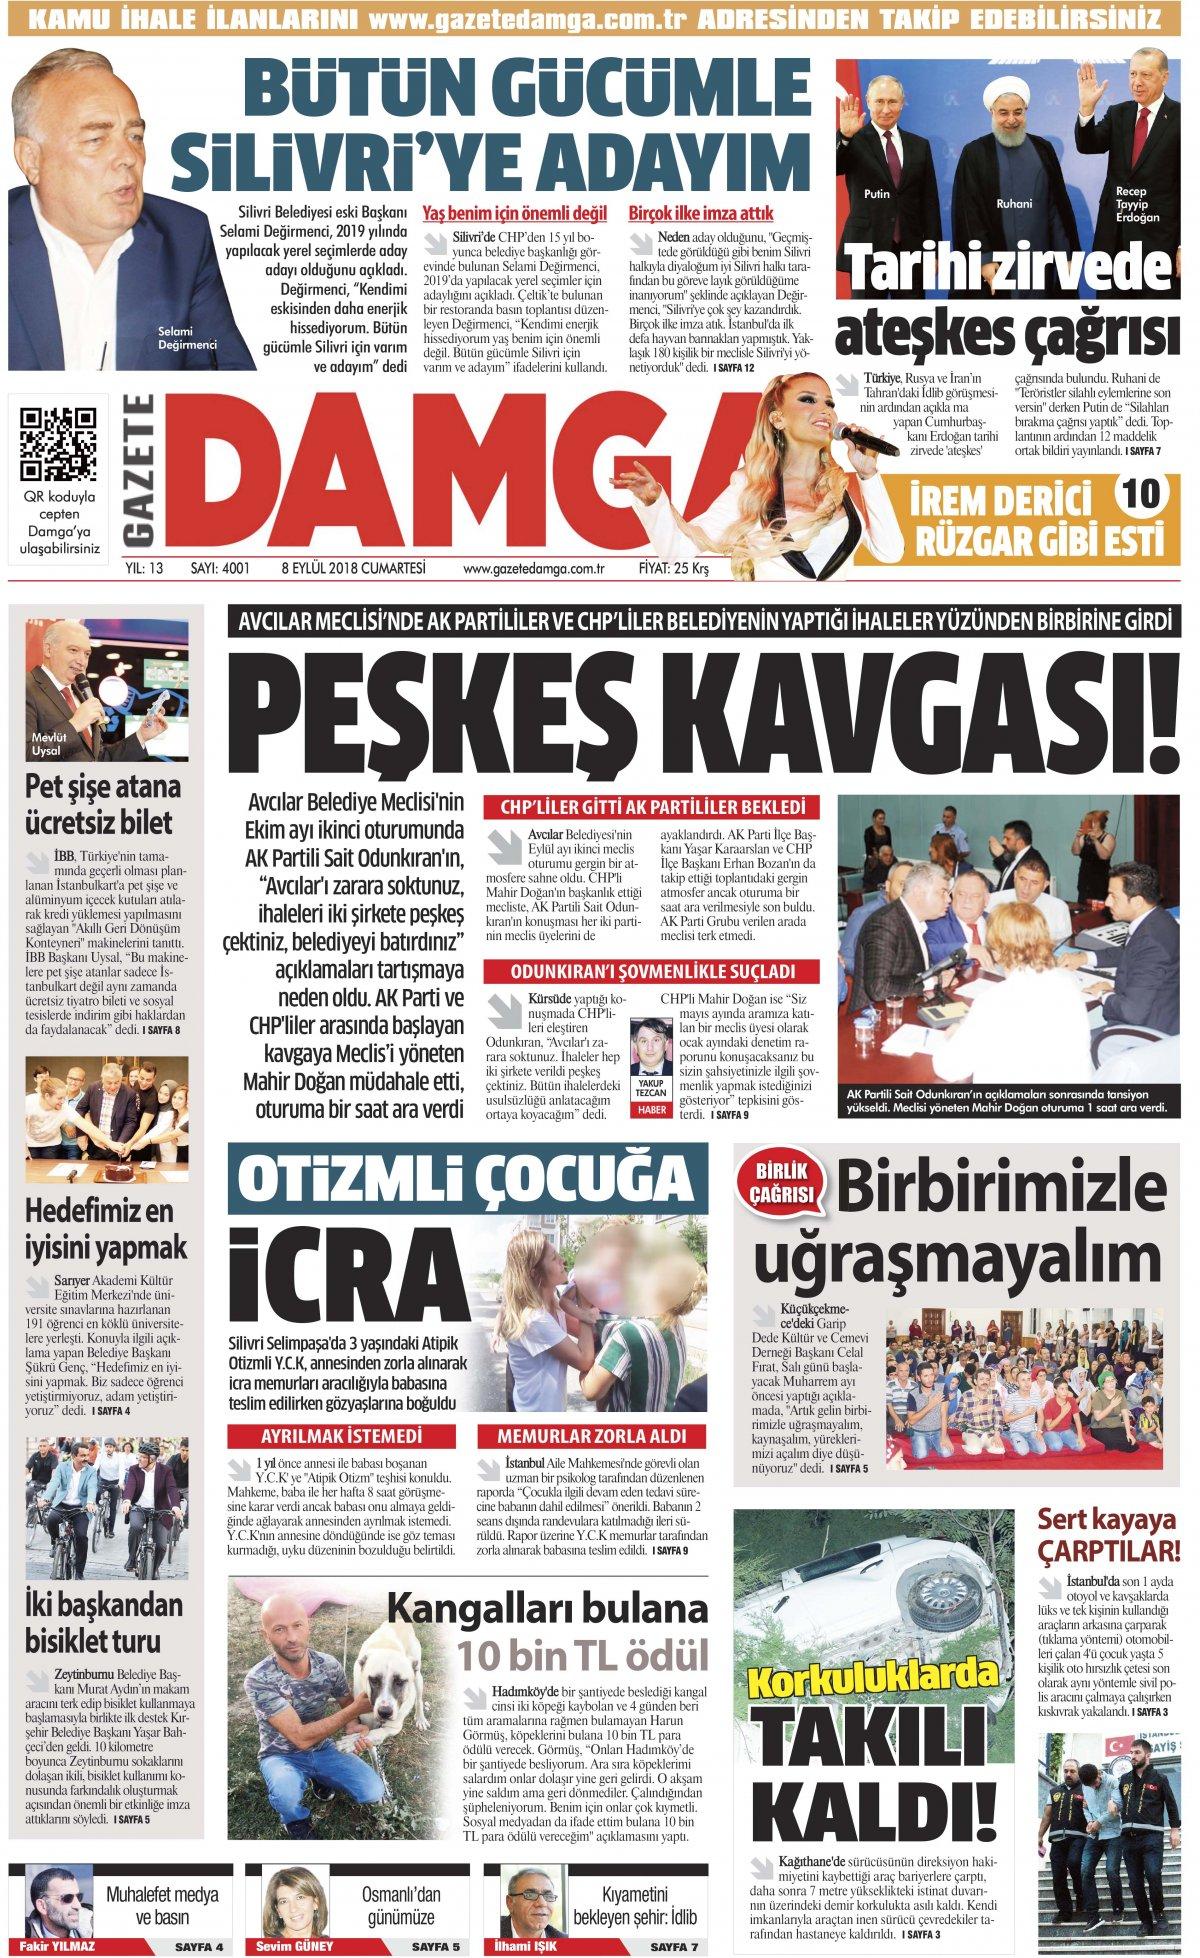 Gazete Damga - 08.09.2018 Manşeti